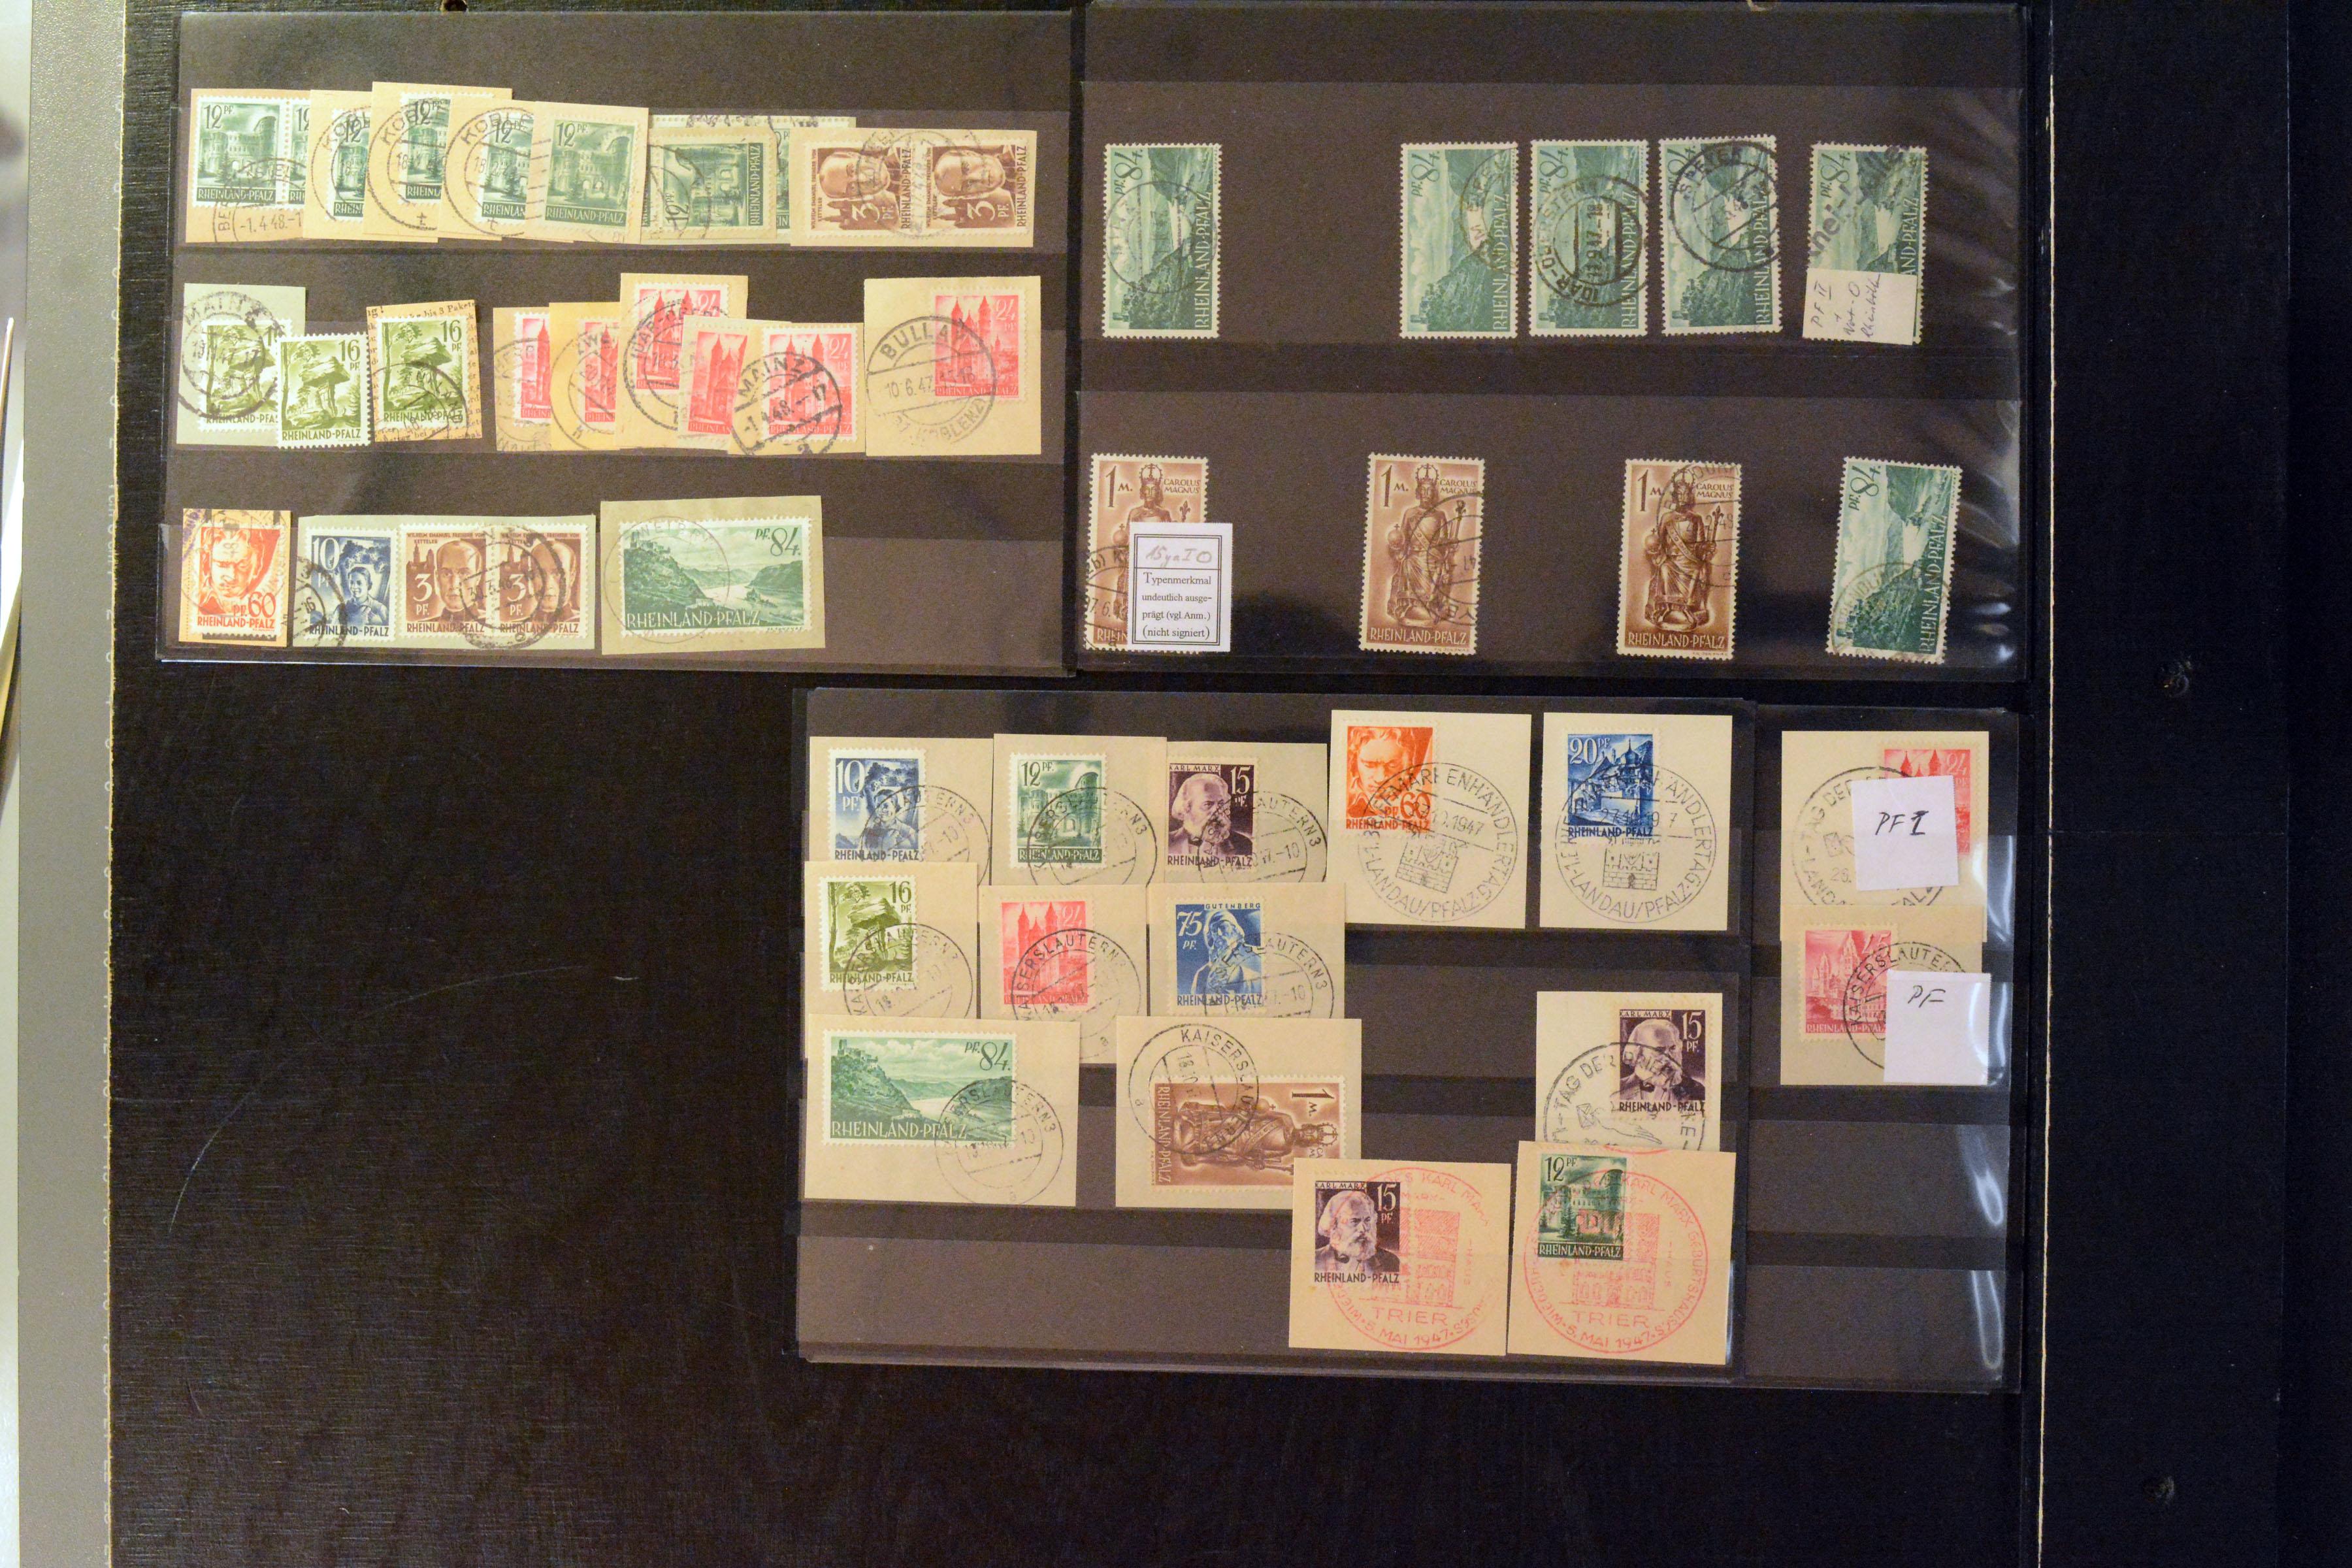 Lot 5222 - french occupation zone french occupation zone - rheinland-pfalz -  Heinrich Koehler Auktionen Auction #368- Day 3